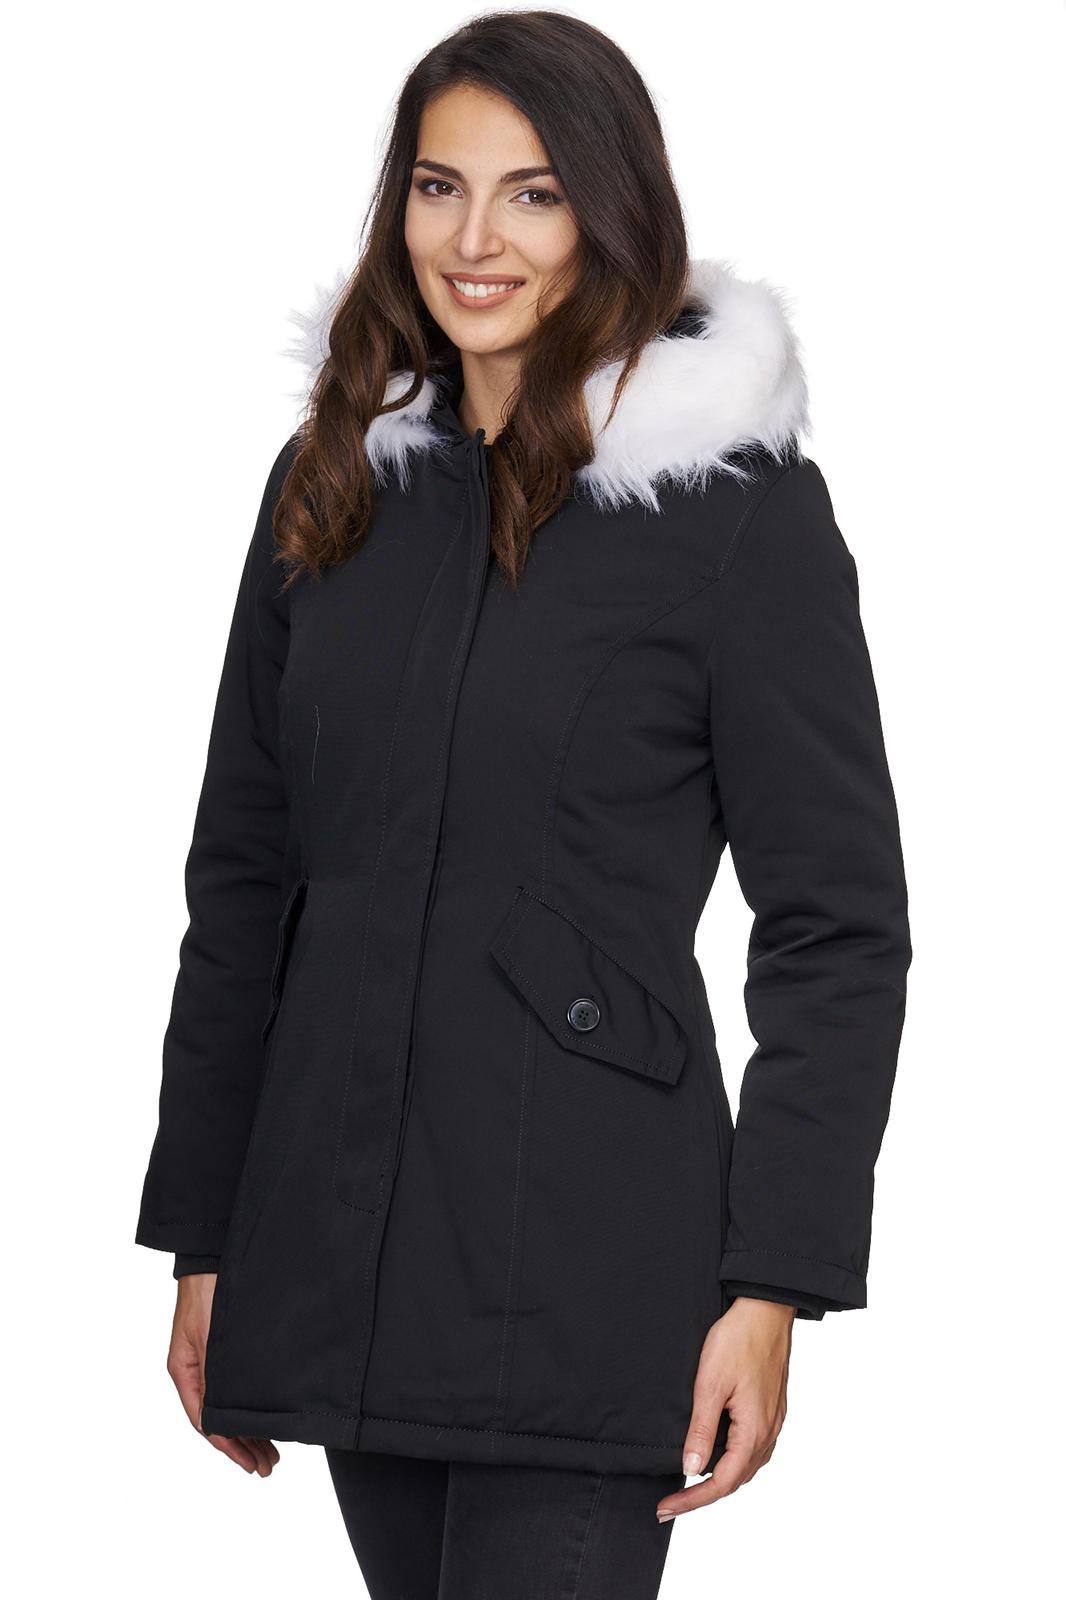 outdoor damen jacke winterjacke warme damenjacke parka mantel lang d 224 s xl ebay. Black Bedroom Furniture Sets. Home Design Ideas